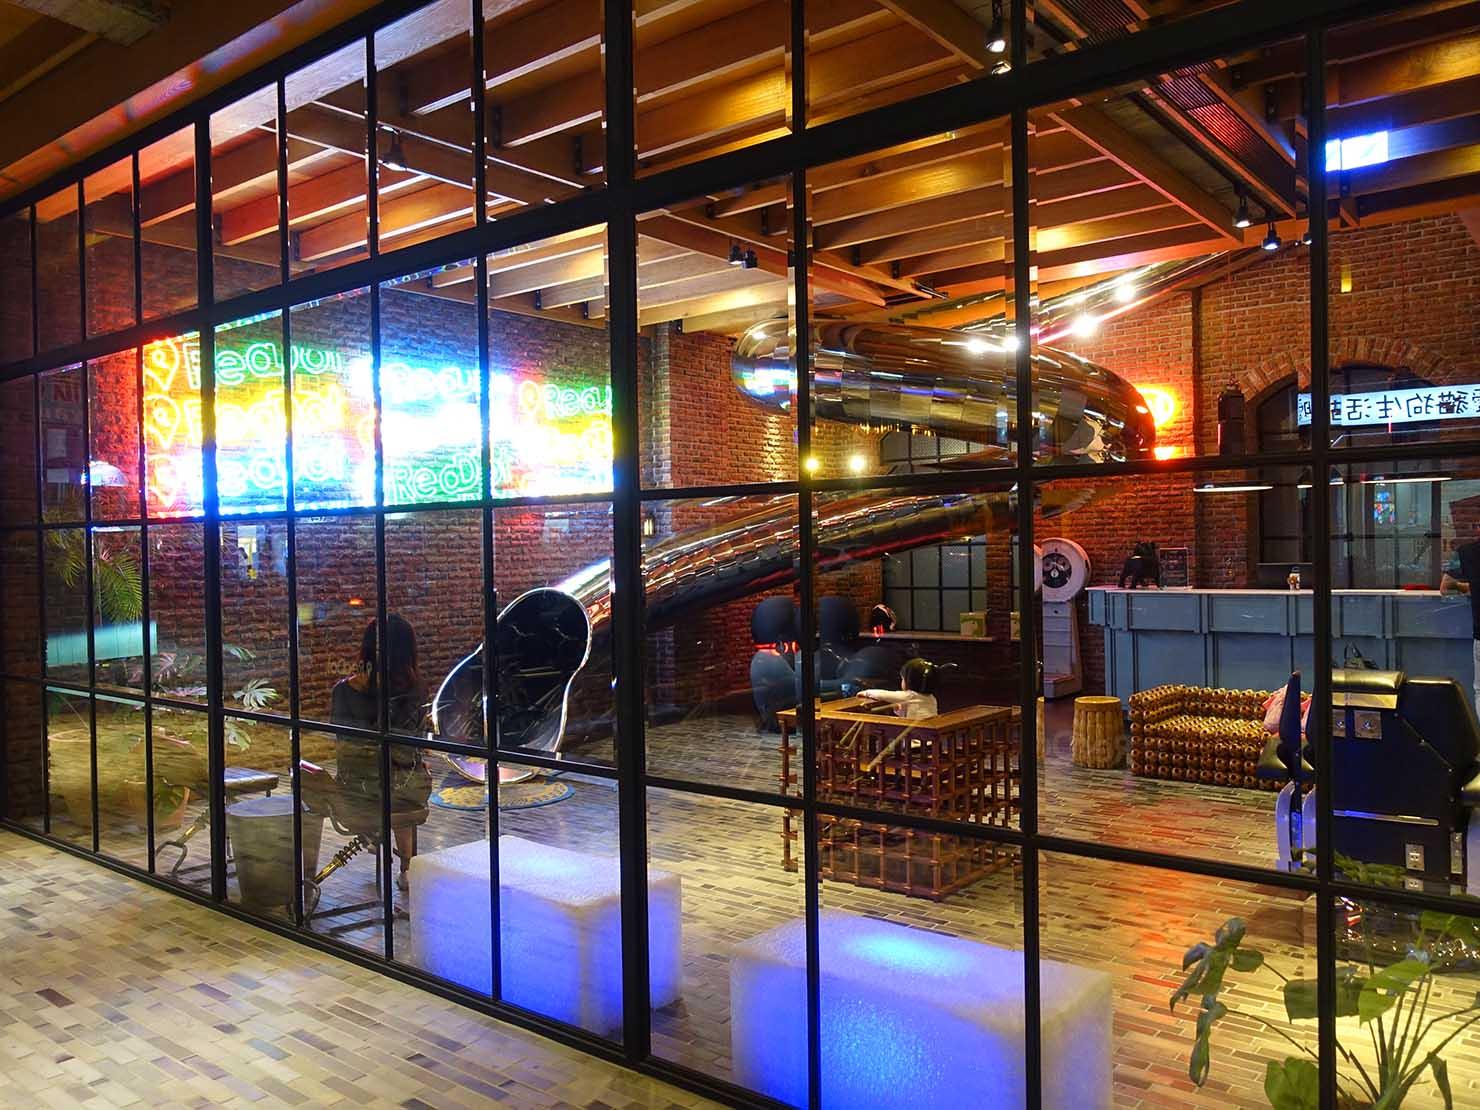 台中駅前のおすすめデザインホテル「紅點文旅 RedDot Hotel」外から眺める夜のロビー